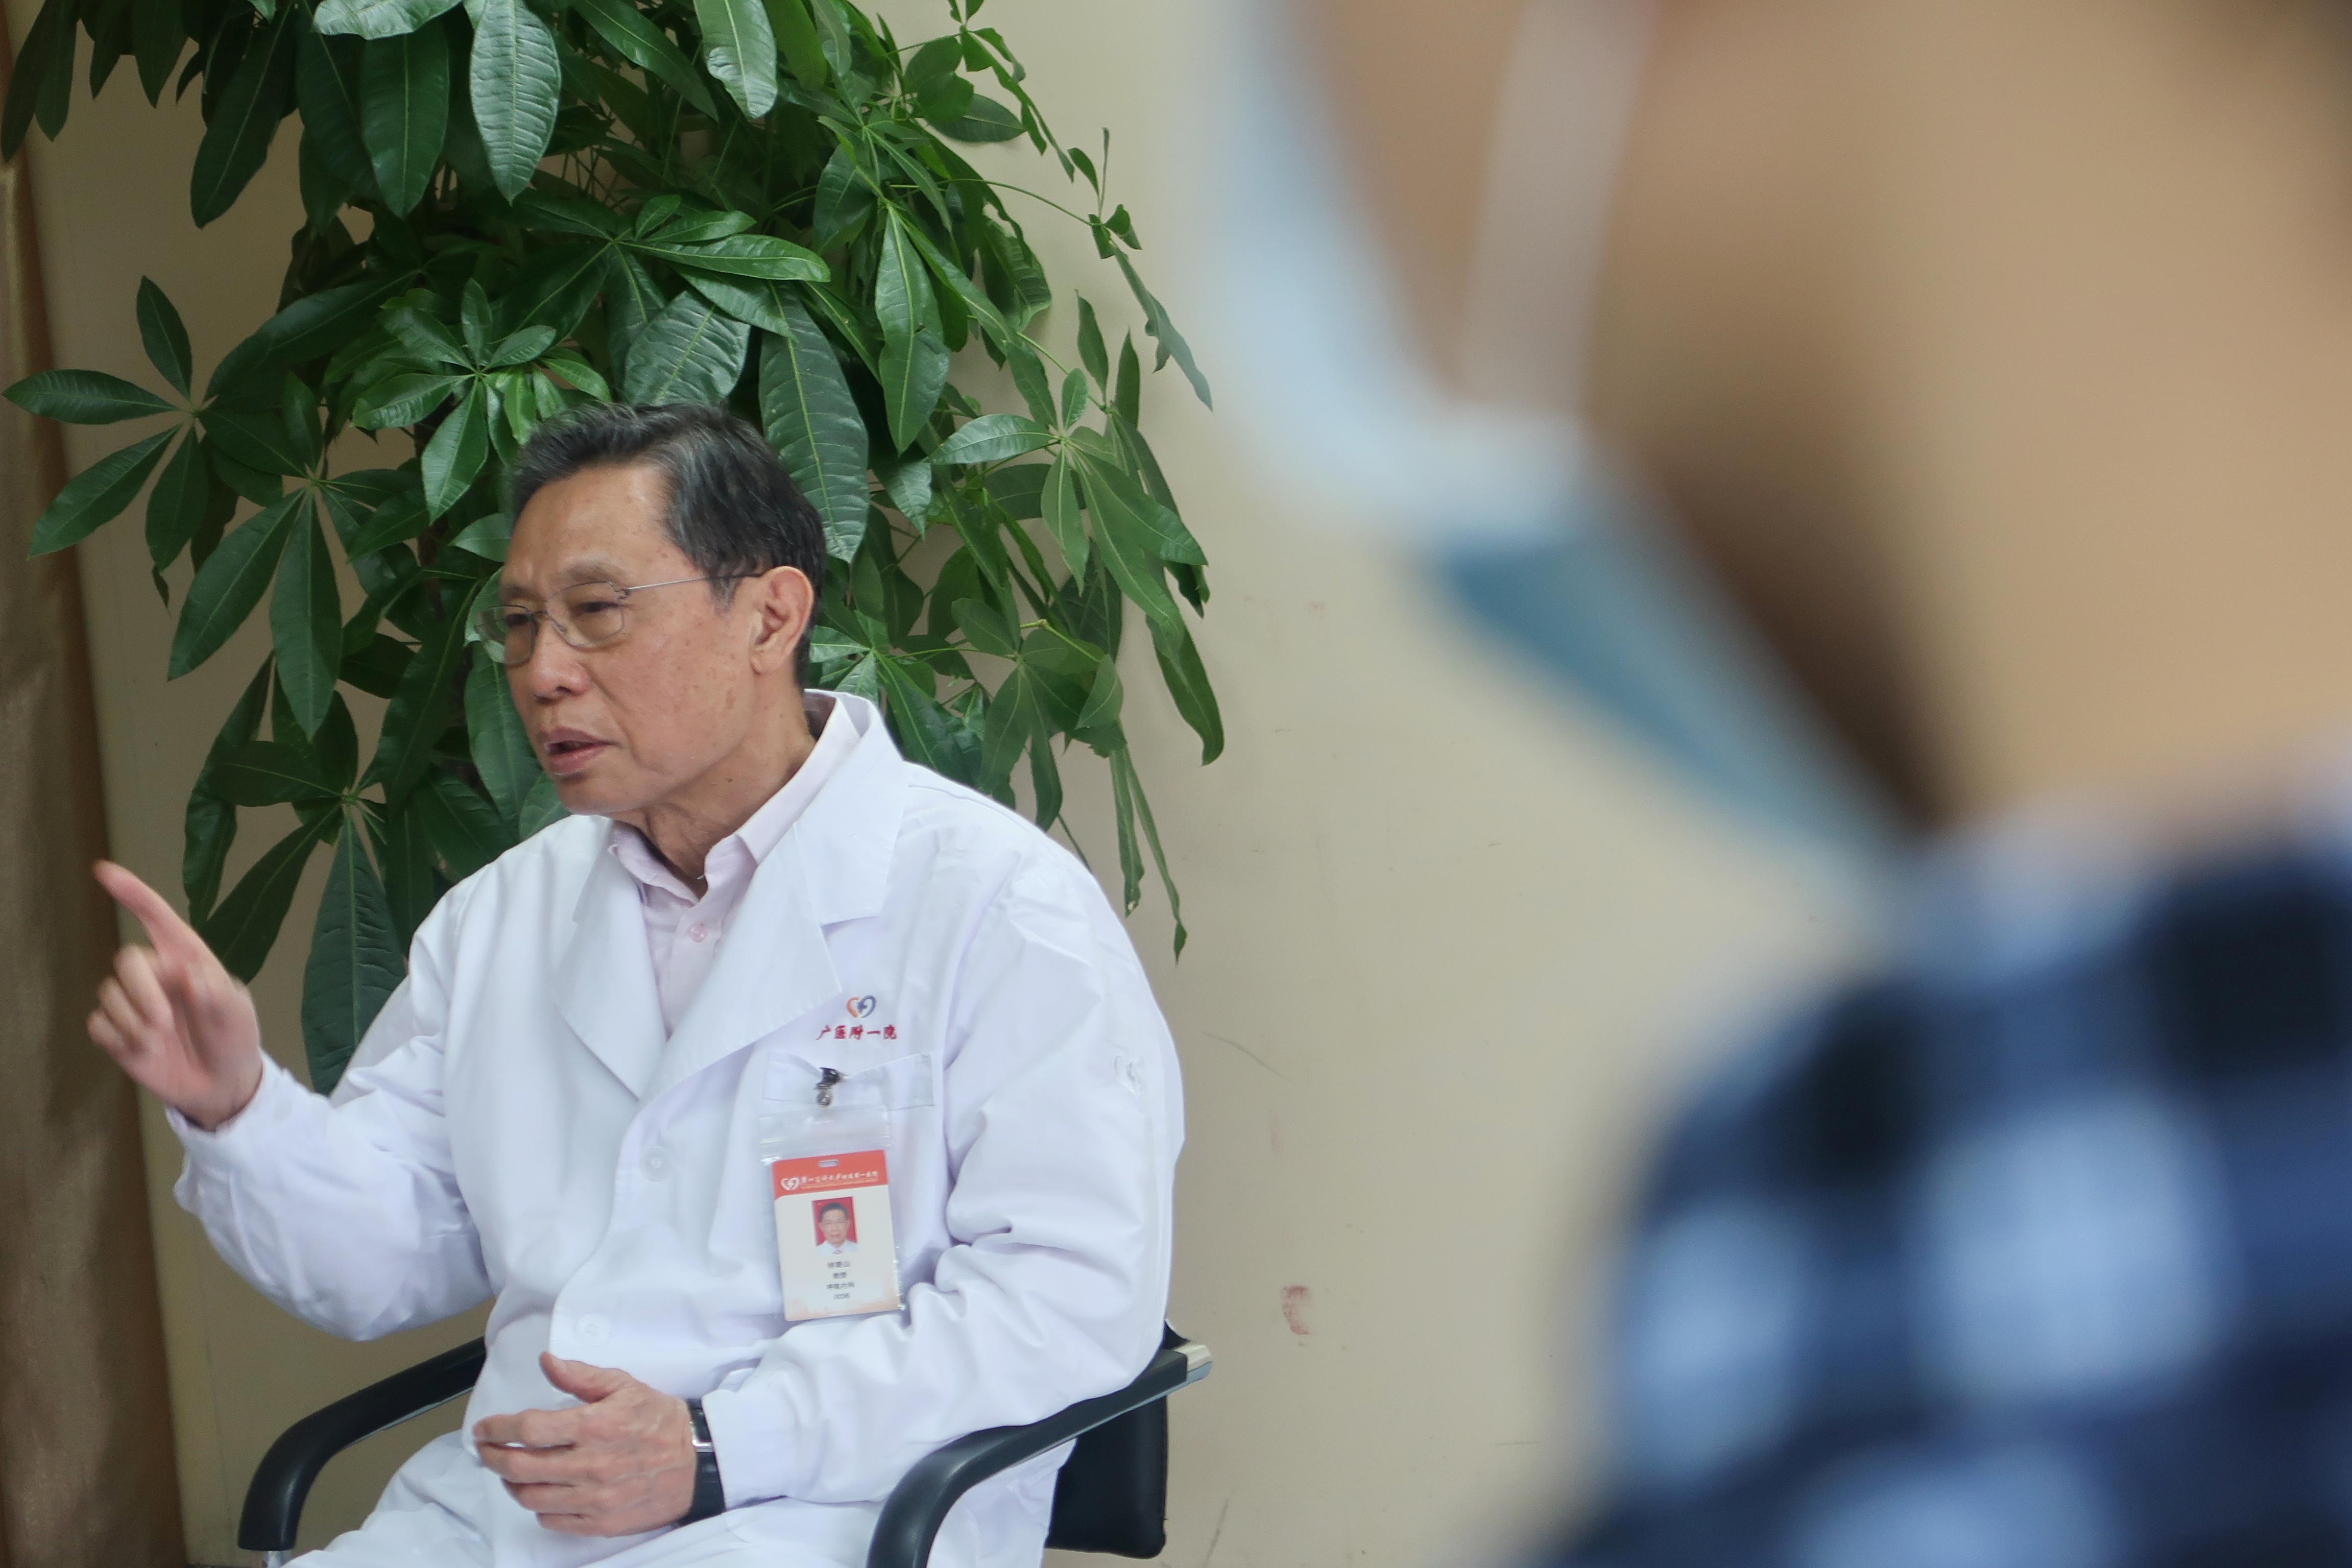 Exclusif: l'épidémie de coronavirus pourrait être terminée en Chine d'ici avril – expert